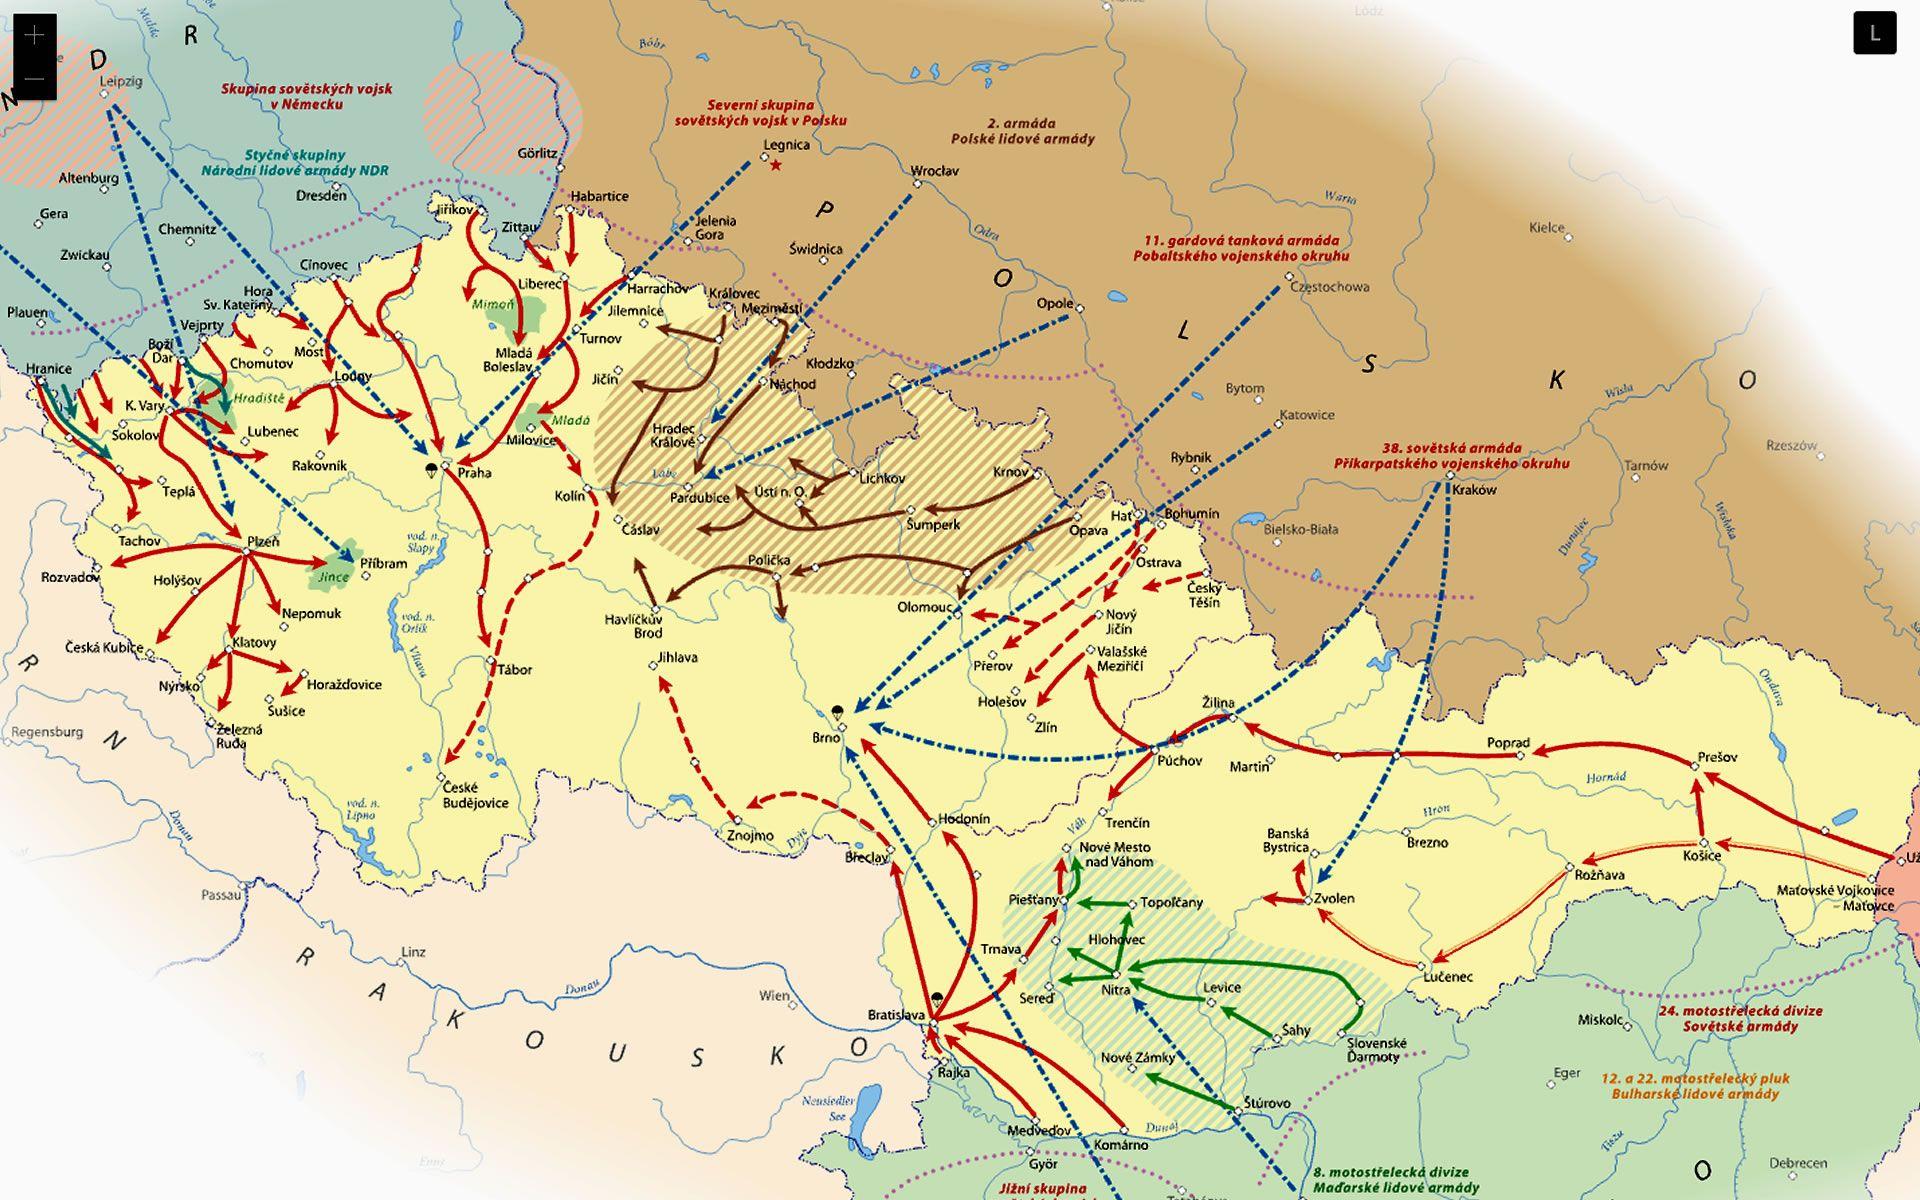 cesky-historicky-atlas-2021-invaze-1968